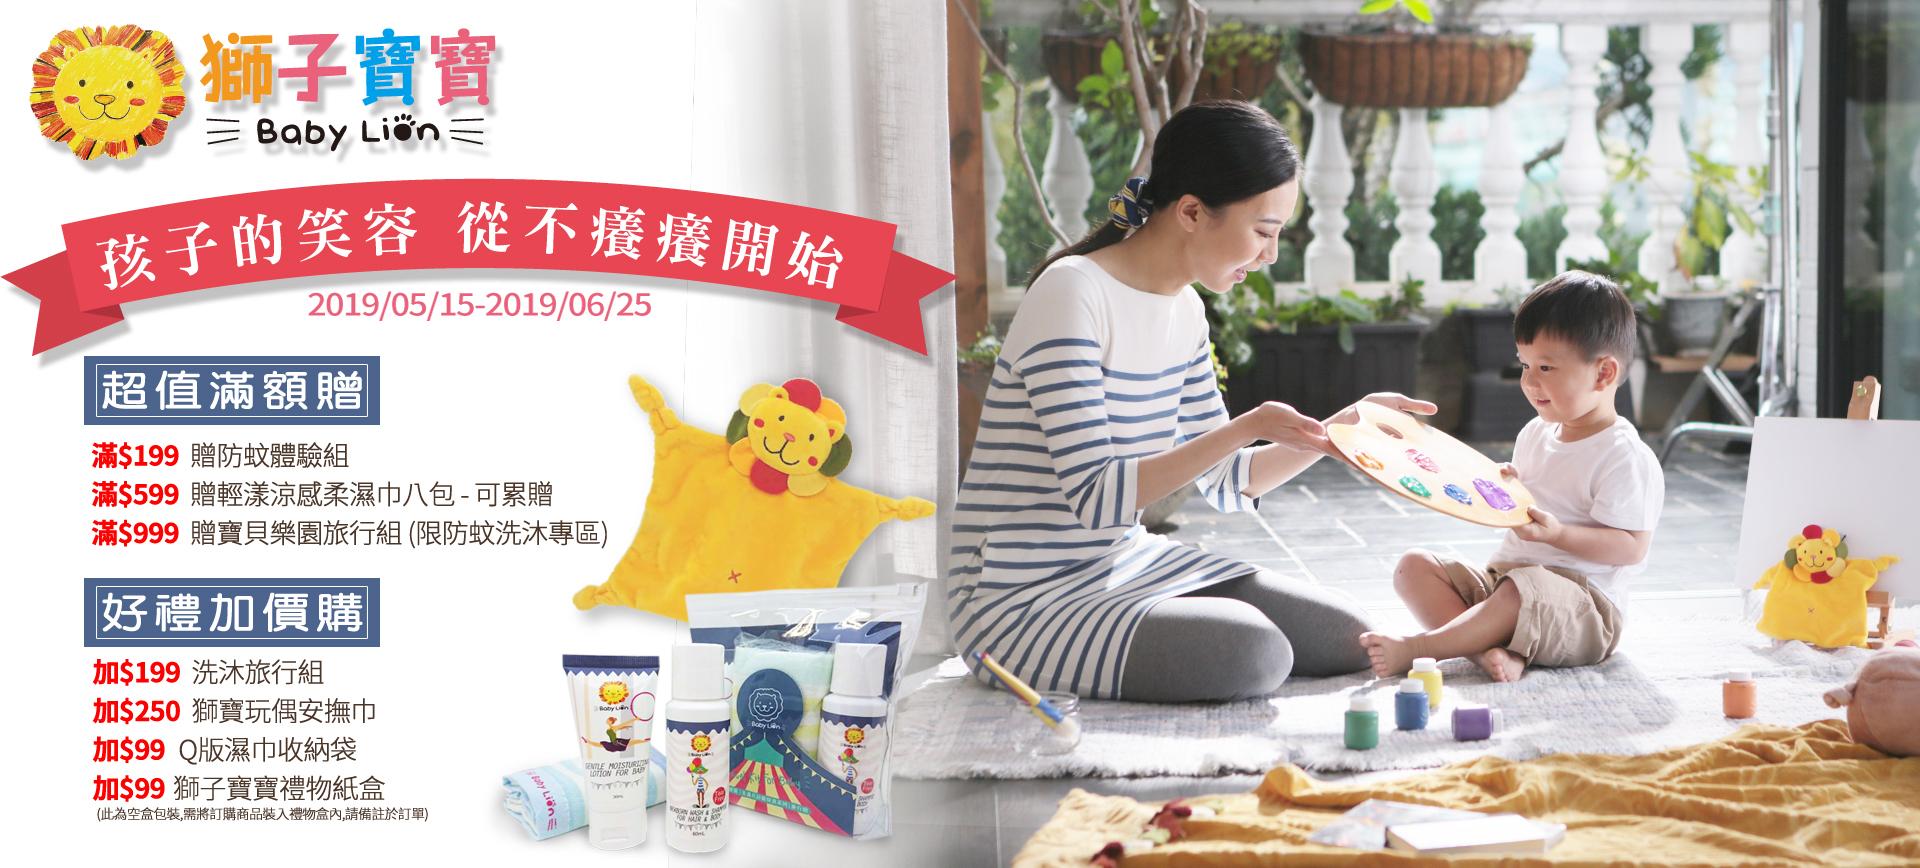 嬰兒洗沐保養,獅子寶寶,金盞花,濕紙巾